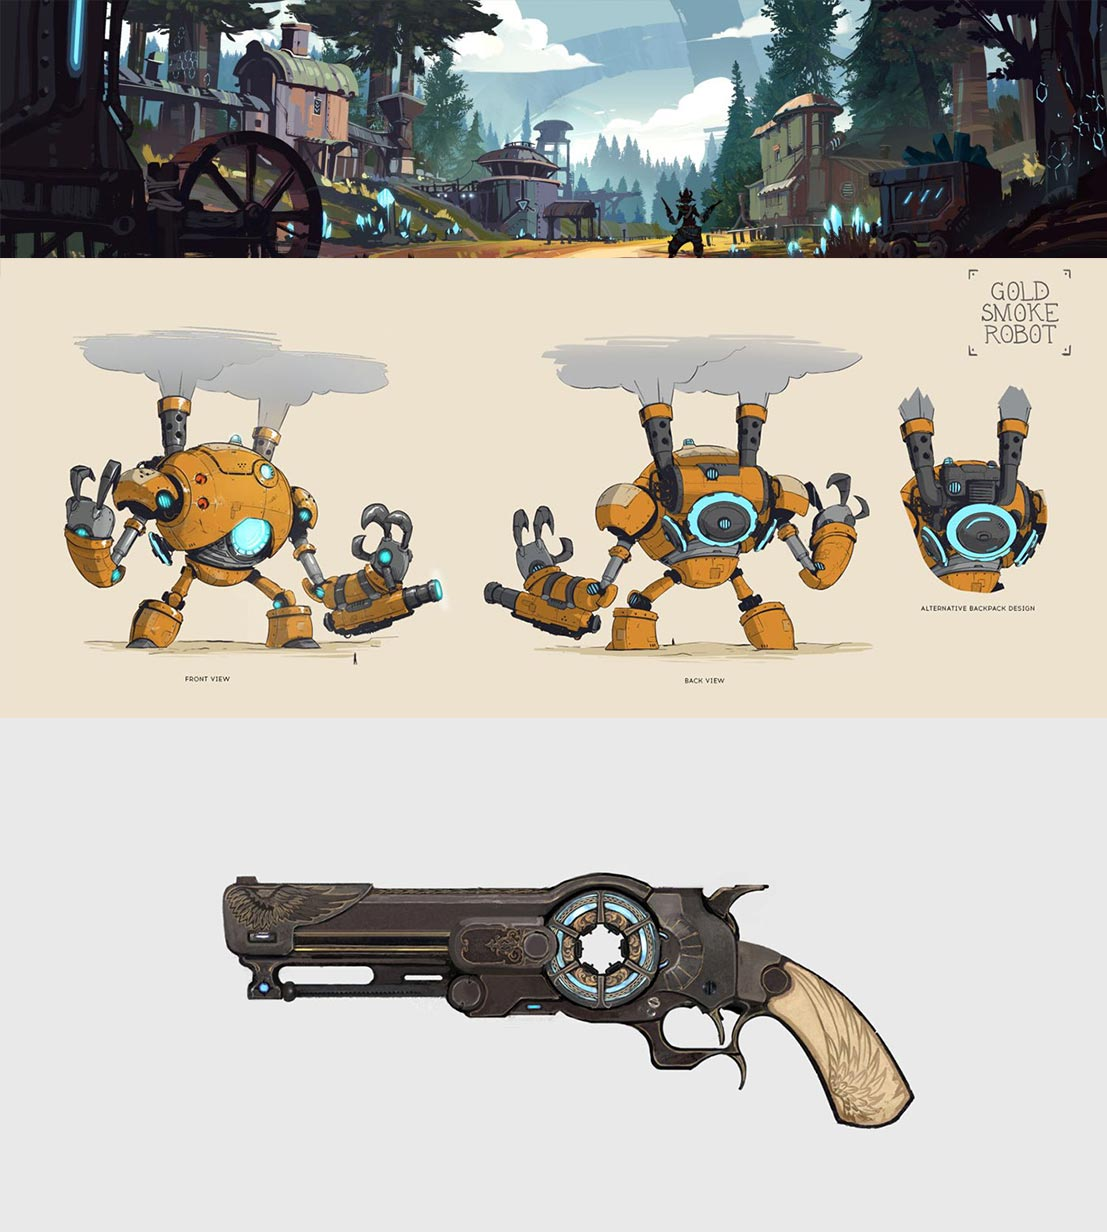 خلفيات تصميم والأسلحة للعبة